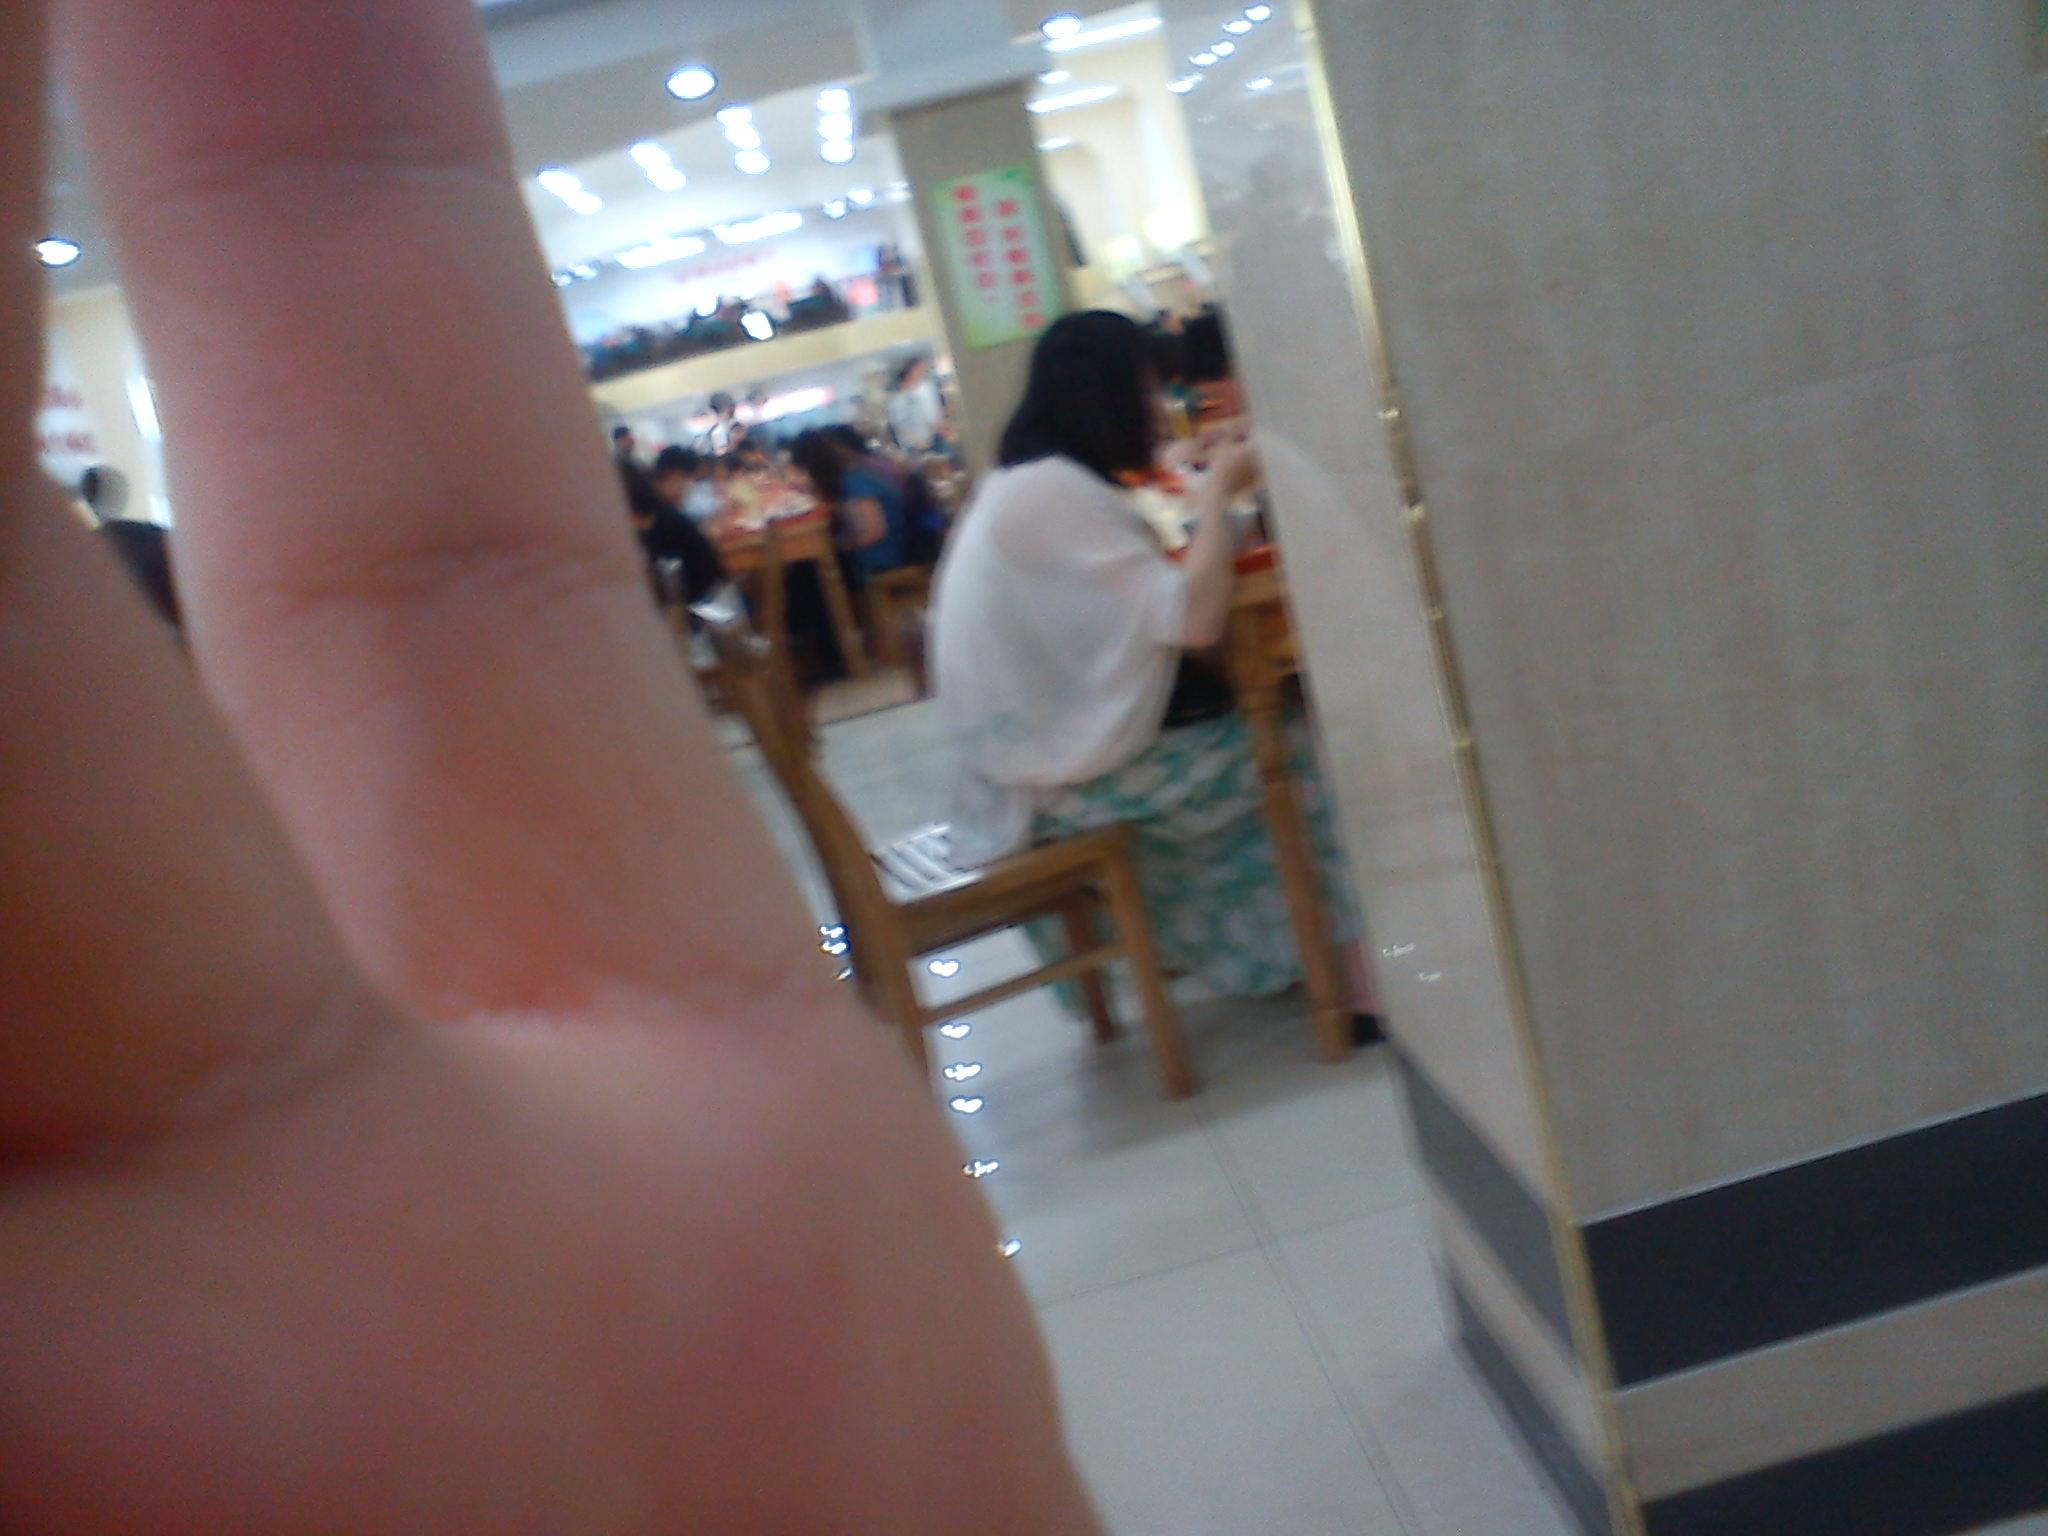 食堂有个女生在胸罩外面穿个薄纱就来吃饭了